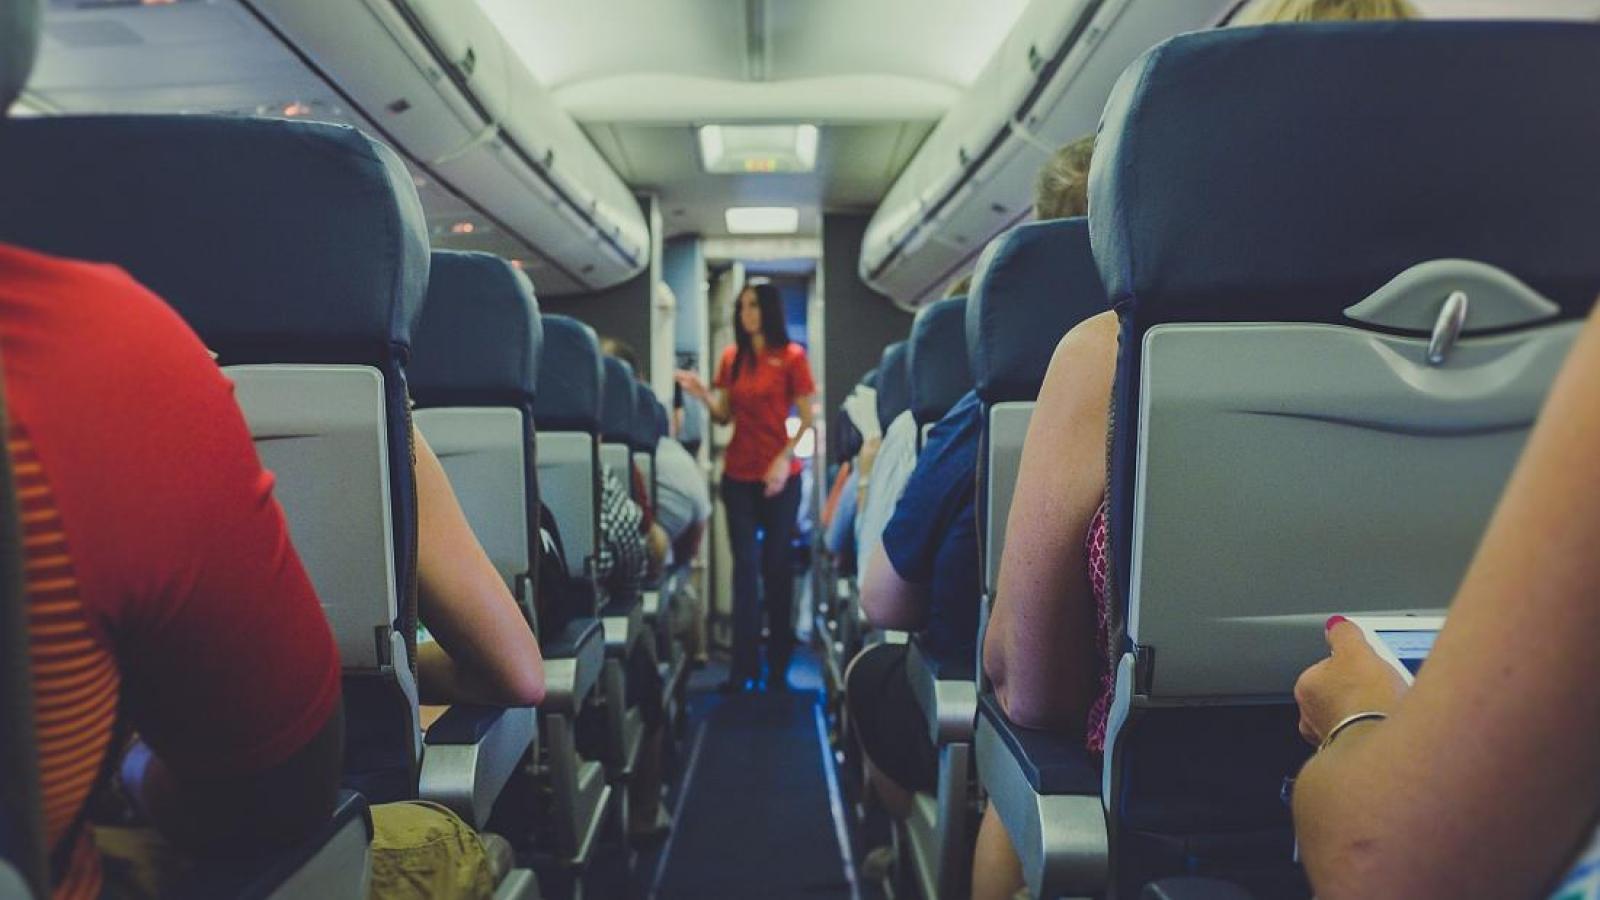 Sử dụng Wi-Fi trên máy bay có an toàn?